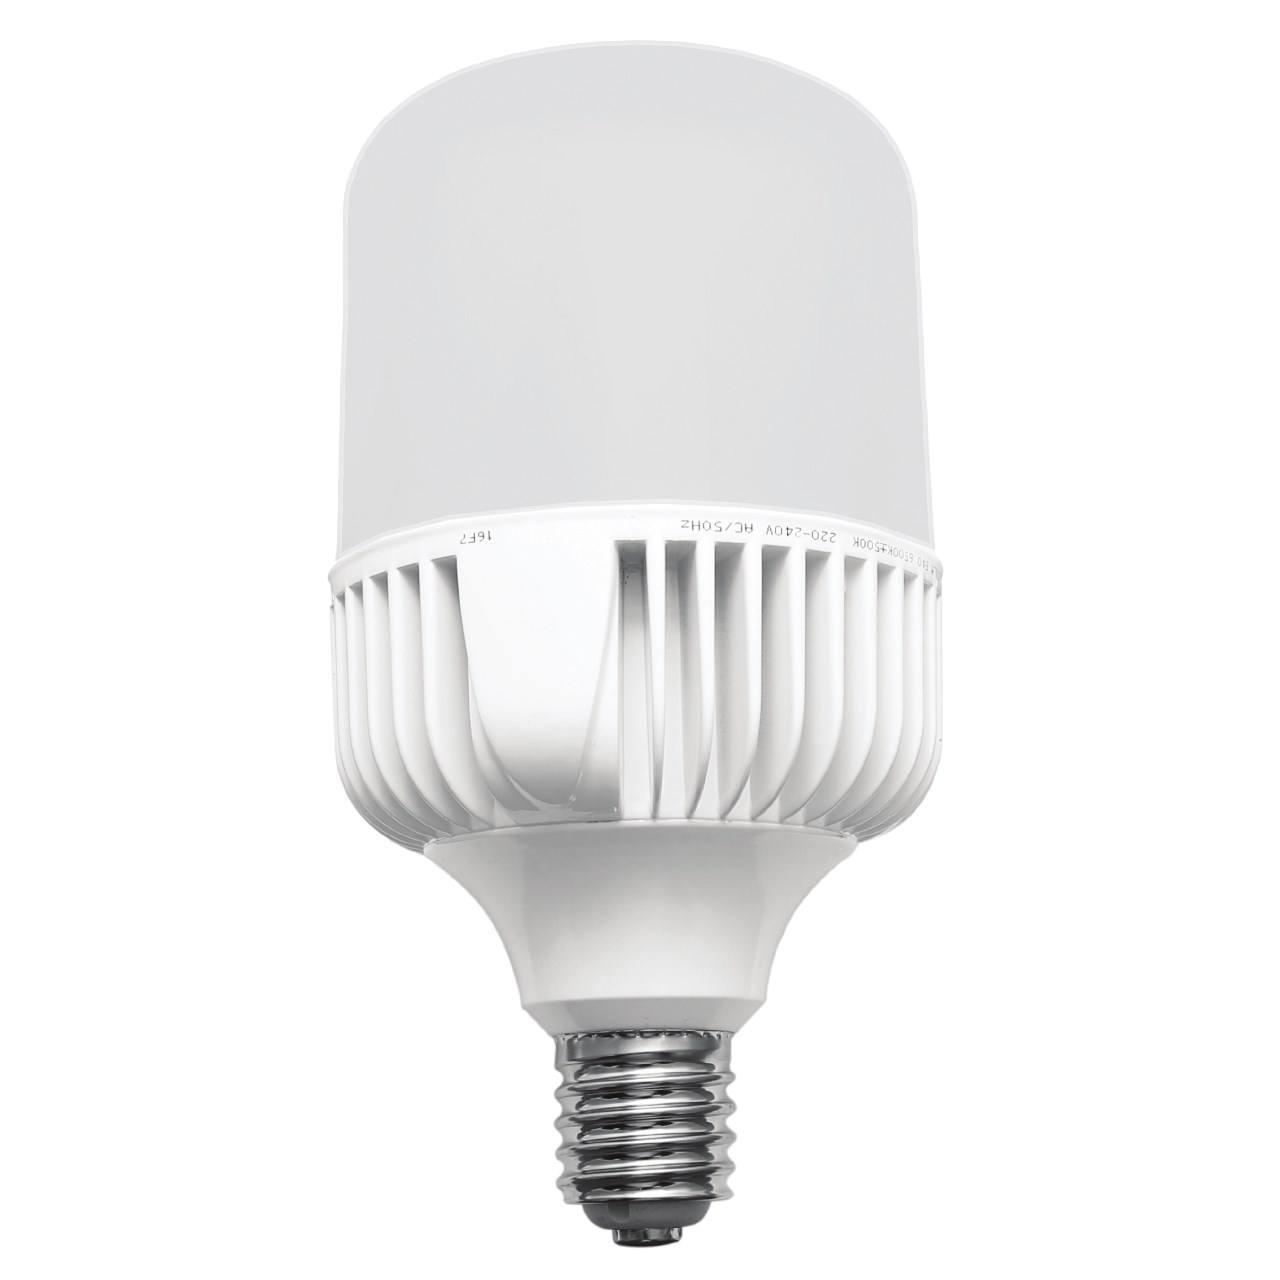 لامپ ال ای دی 20 وات هالی استار مدل CB20 پایه E27